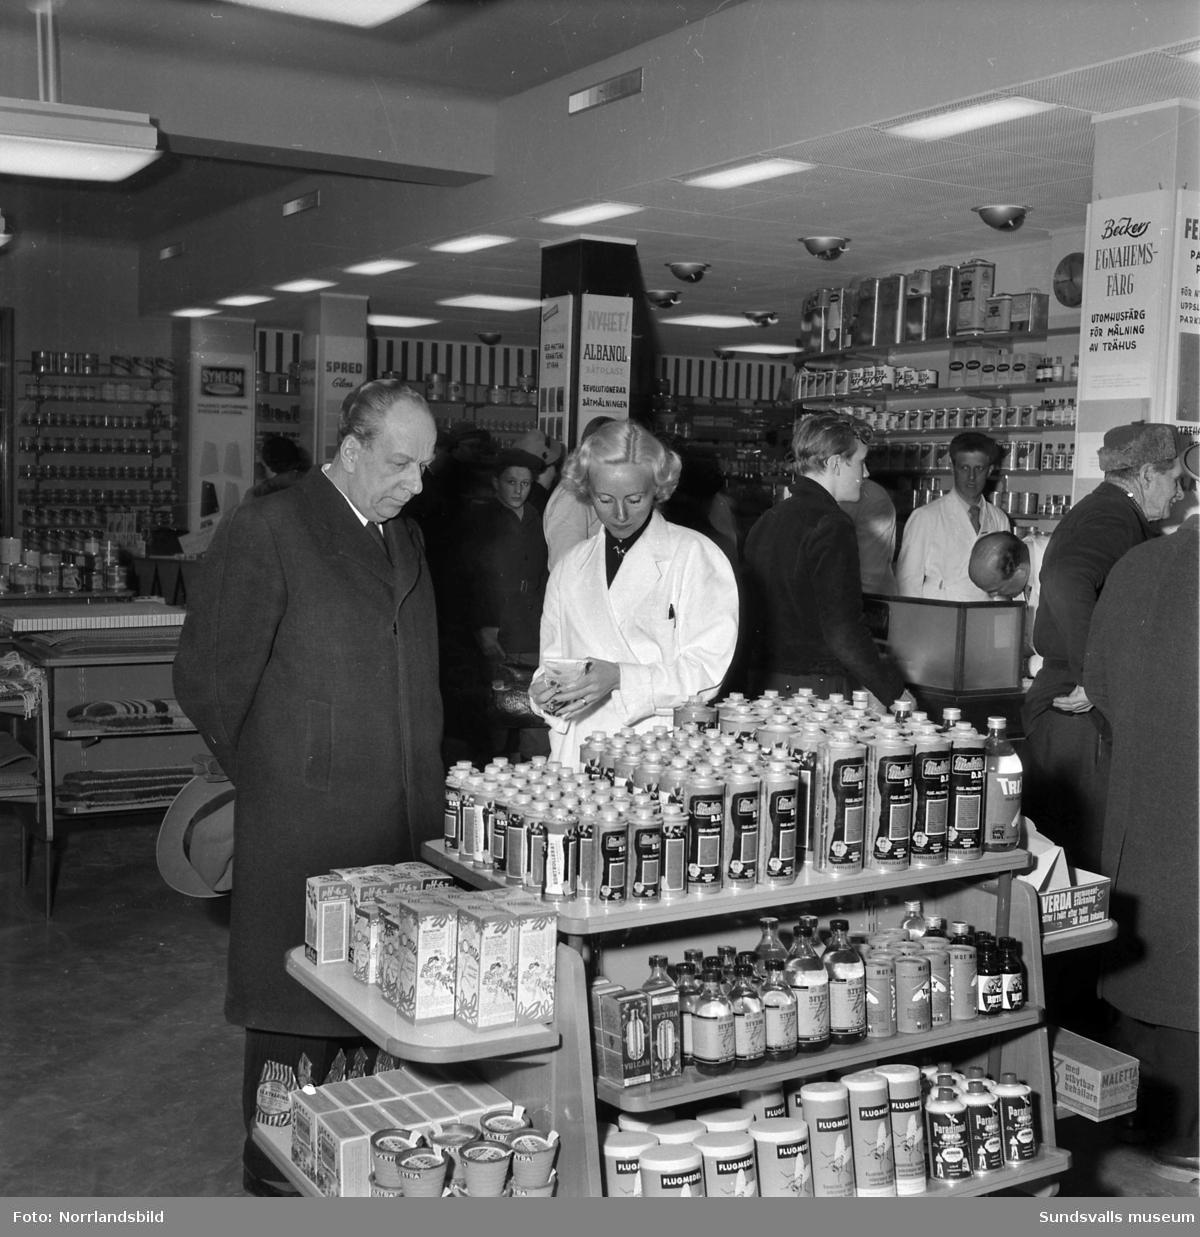 Interiörbilder från Strömbergs färghandel med kunder och personal. Trotjänaren Ossian Sedolin ses på bild 4-5.